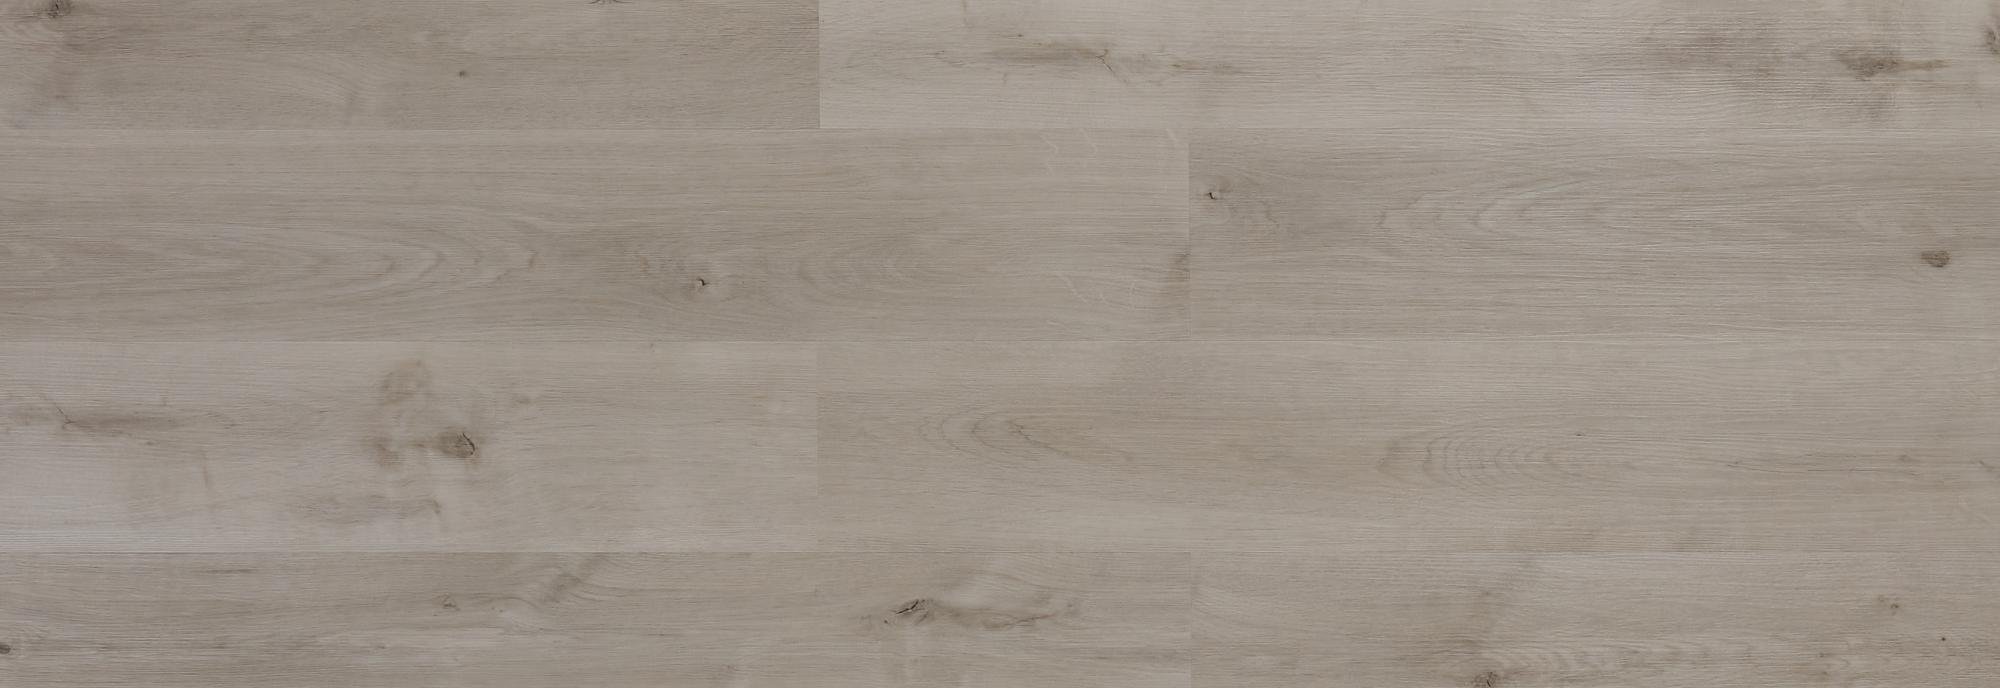 NOMAD FLO - NF10111 Ceuta - Vinylová podlaha s kompozitním jádrem - Click